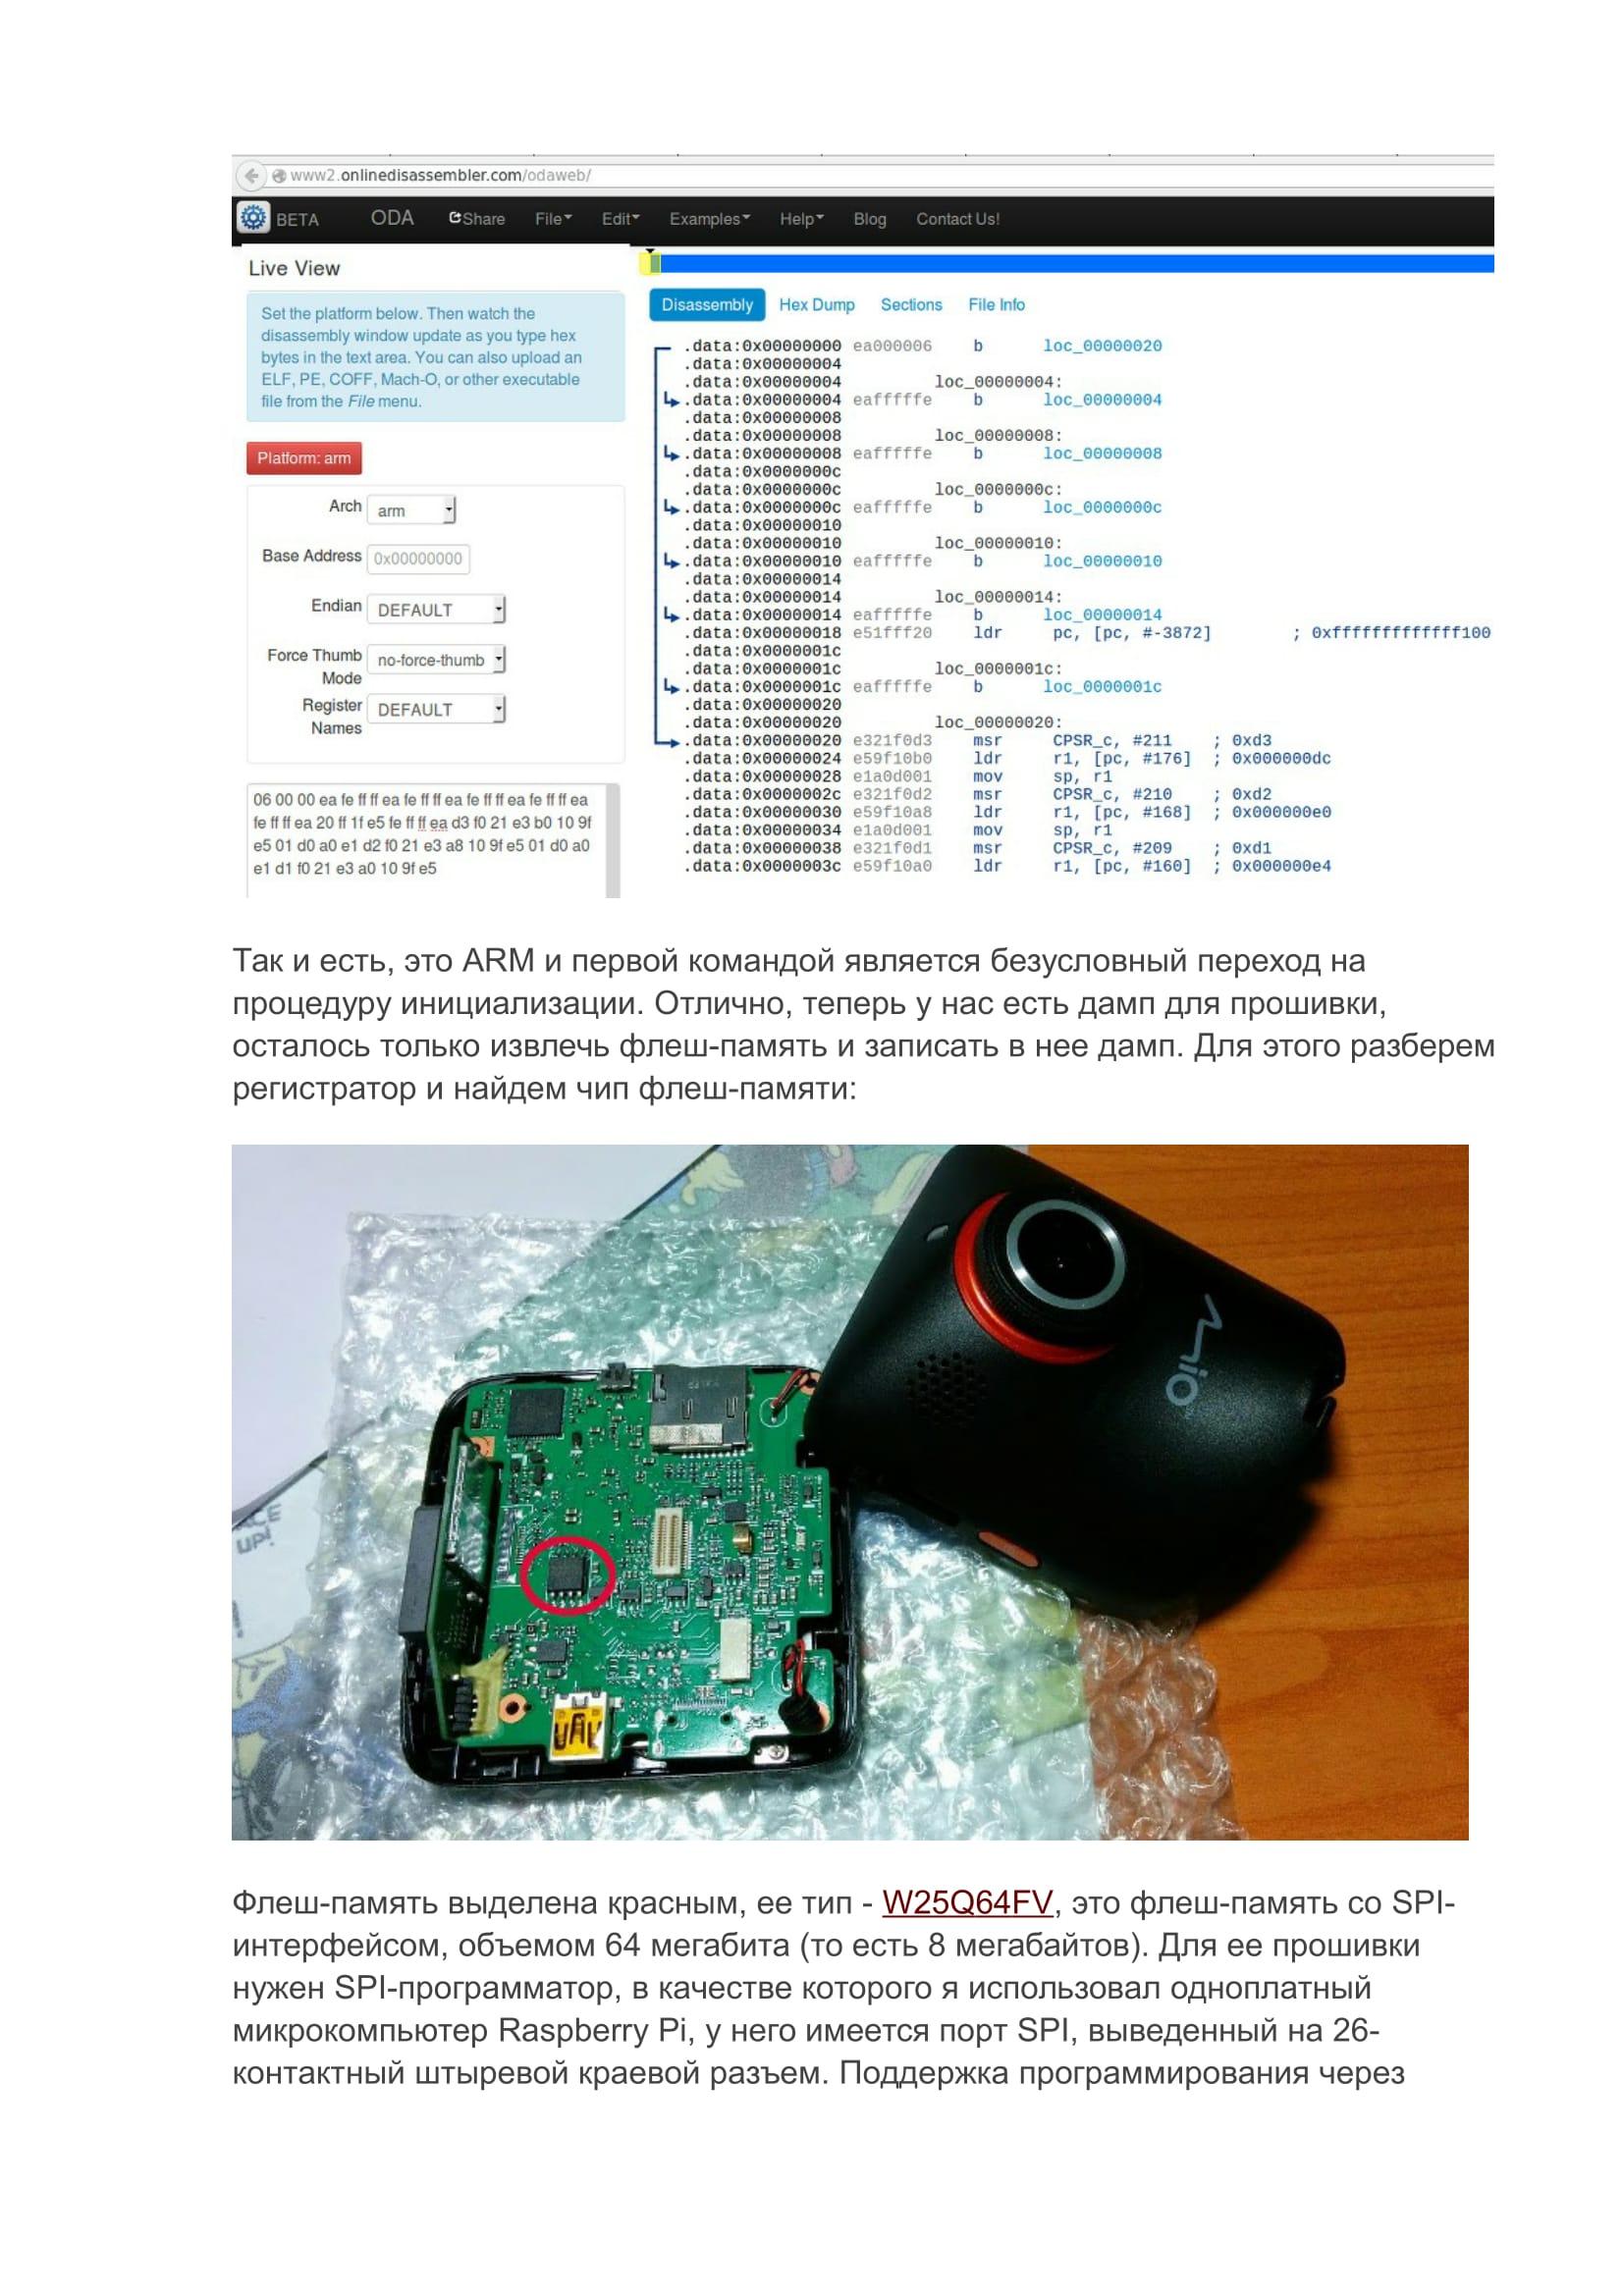 Восстановление прошивки видеорегистратора Mio MiVue 518-3.jpg